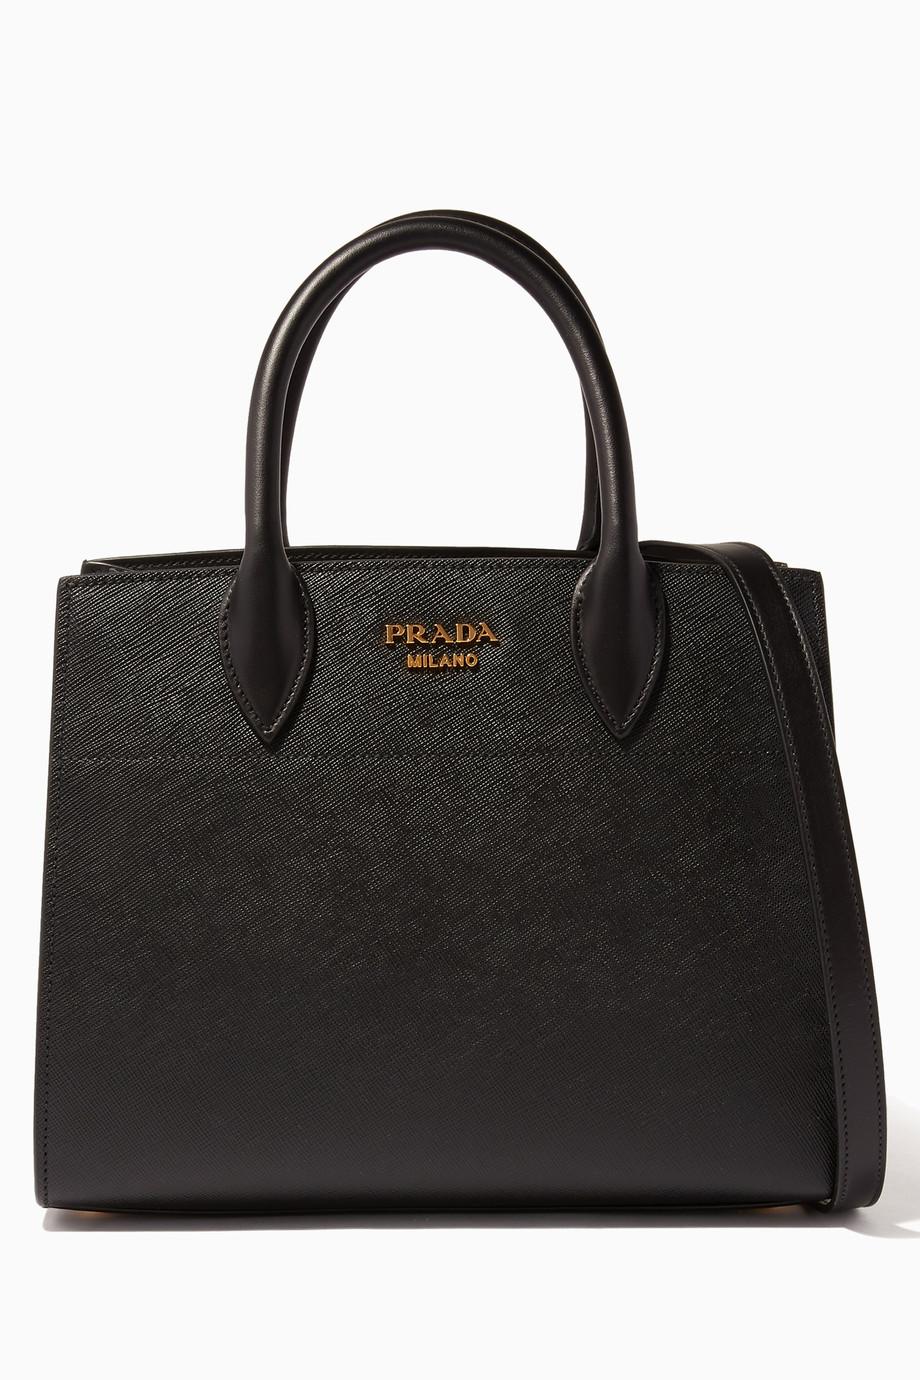 e1e5c5ff59dc Shop Prada Black Black Medium Saffiano Bibliothèque Tote Bag for Women    Ounass UAE